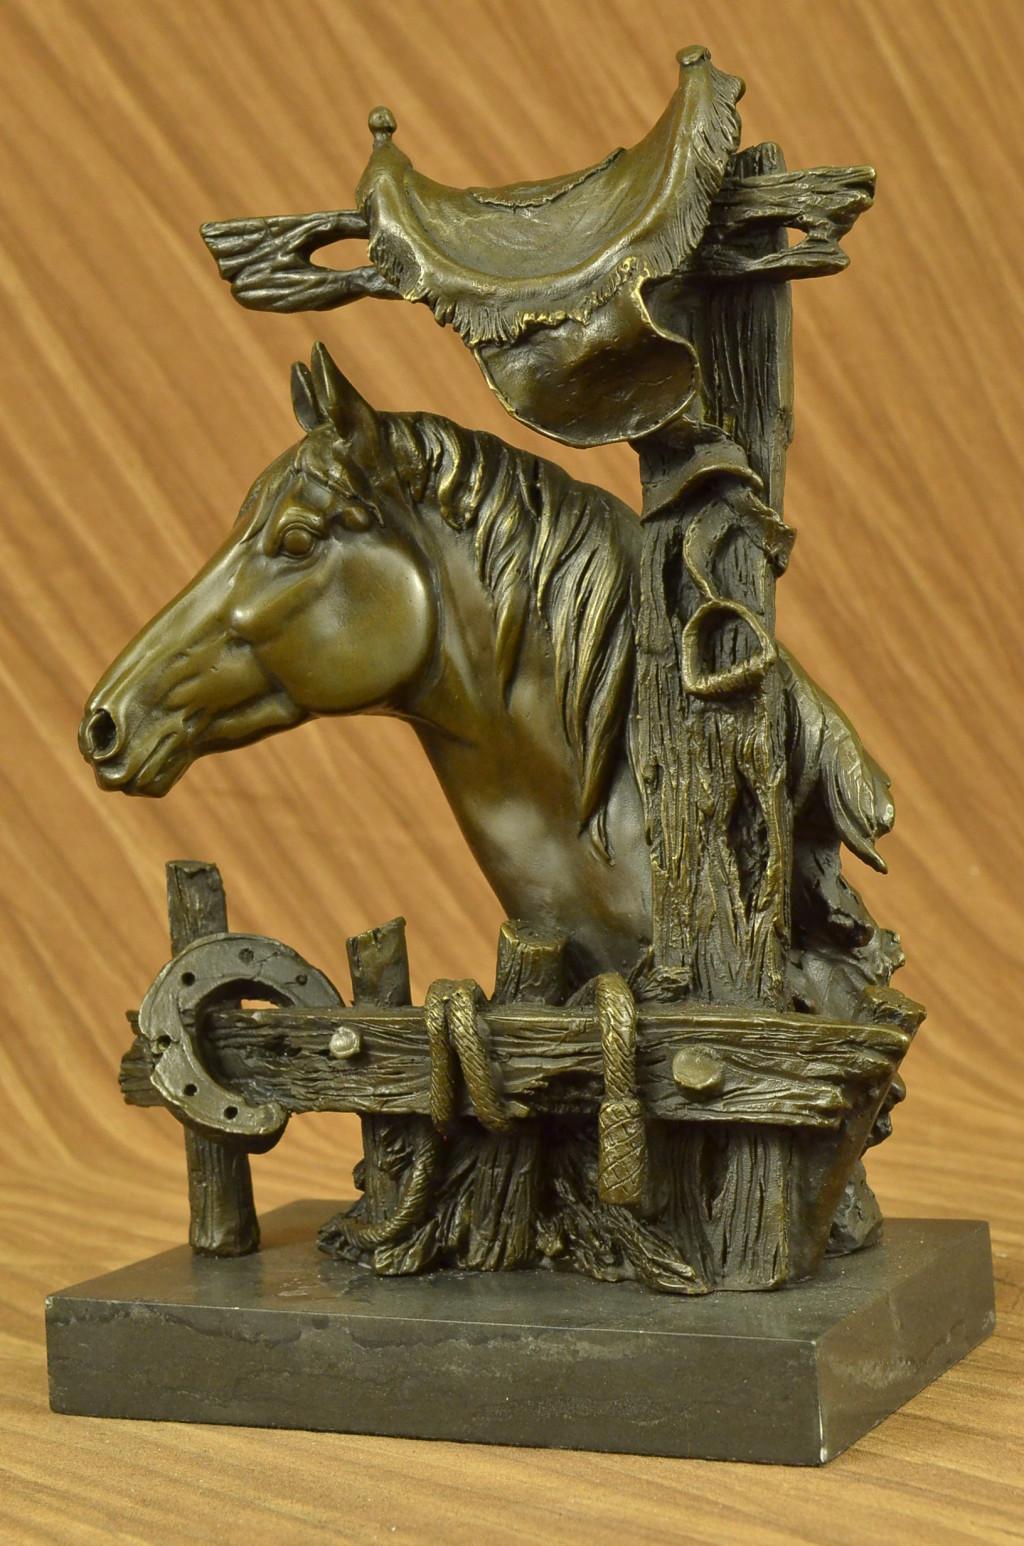 vintage bronze realmetal saddle horse statue marble base european made decor ebay. Black Bedroom Furniture Sets. Home Design Ideas